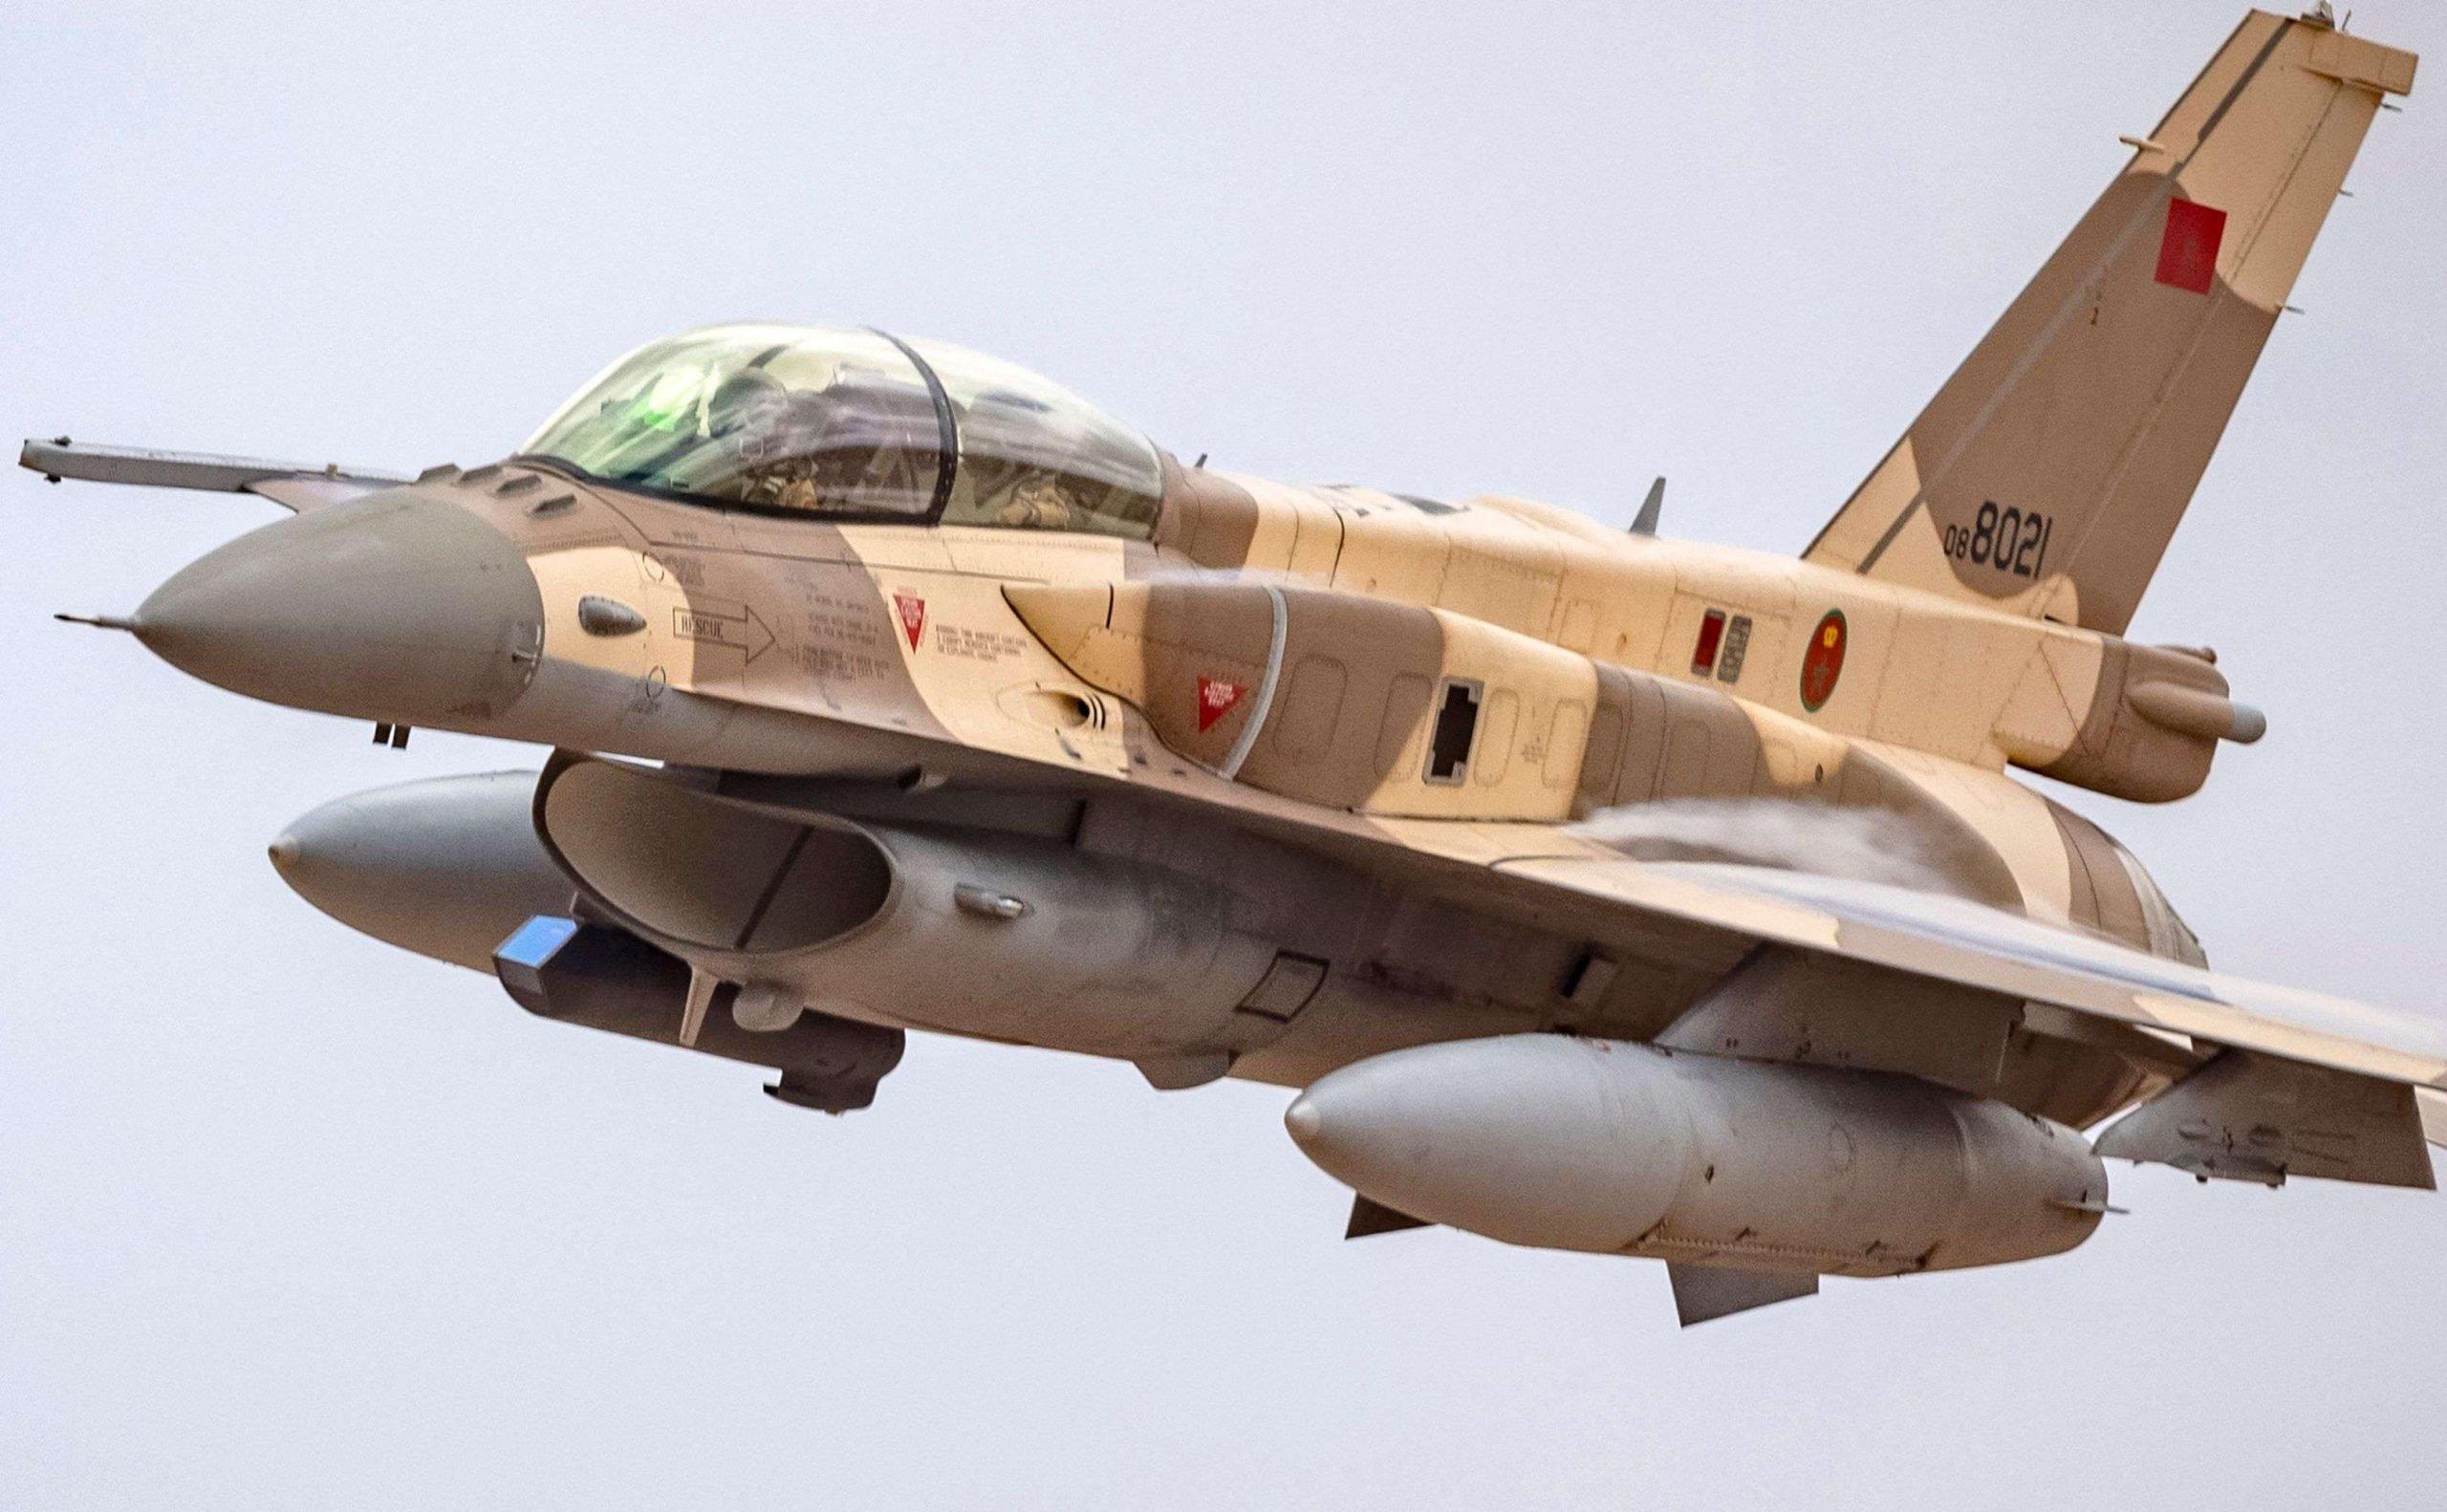 طائرة مغربية تصل قاعدة جوية في إسرائيل للمشاركة في تدريب عسكري